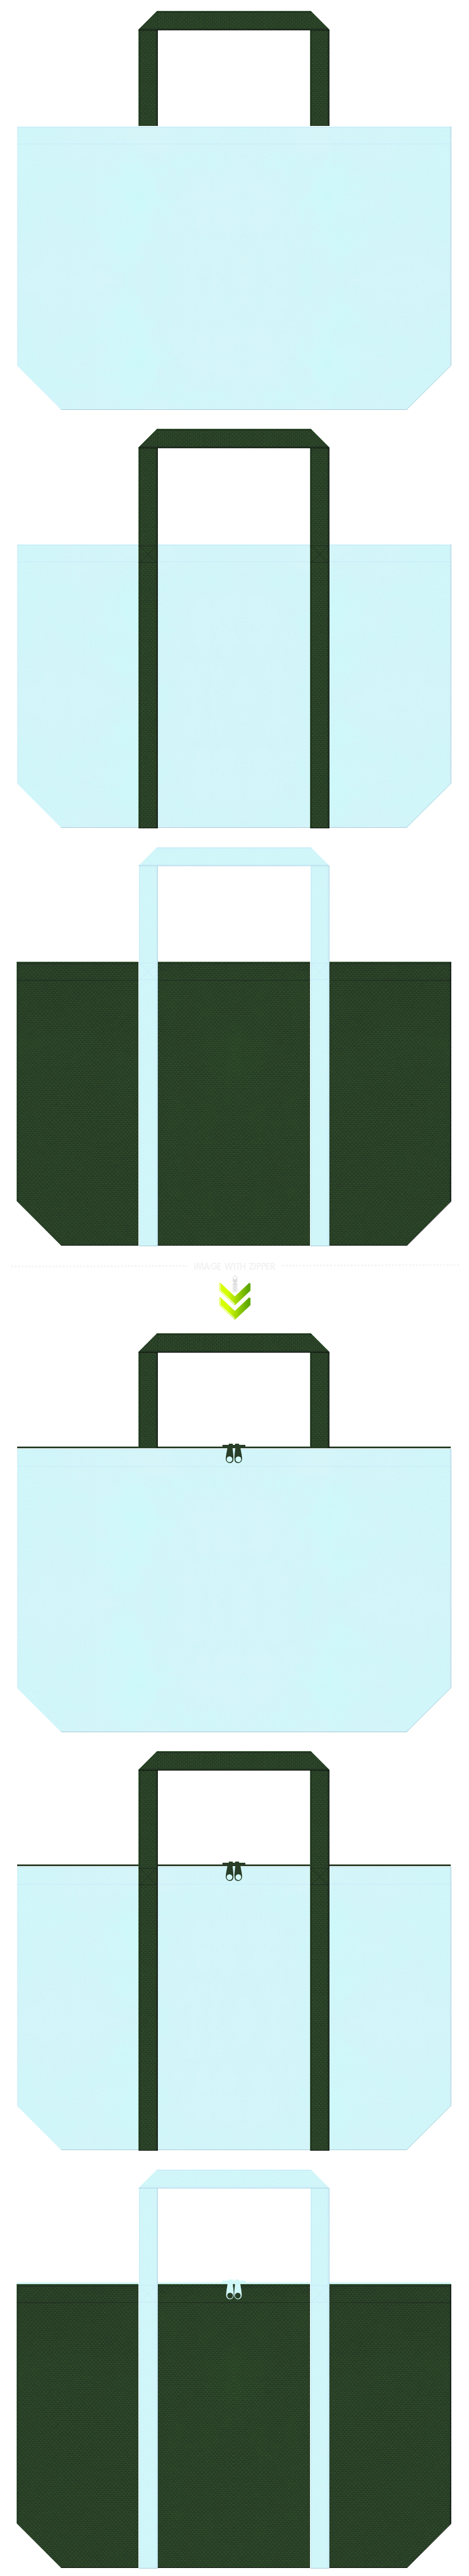 水色と濃緑色の不織布バッグデザイン。ミント・クールなイメージにお奨めです。医薬品の展示会用バッグにも